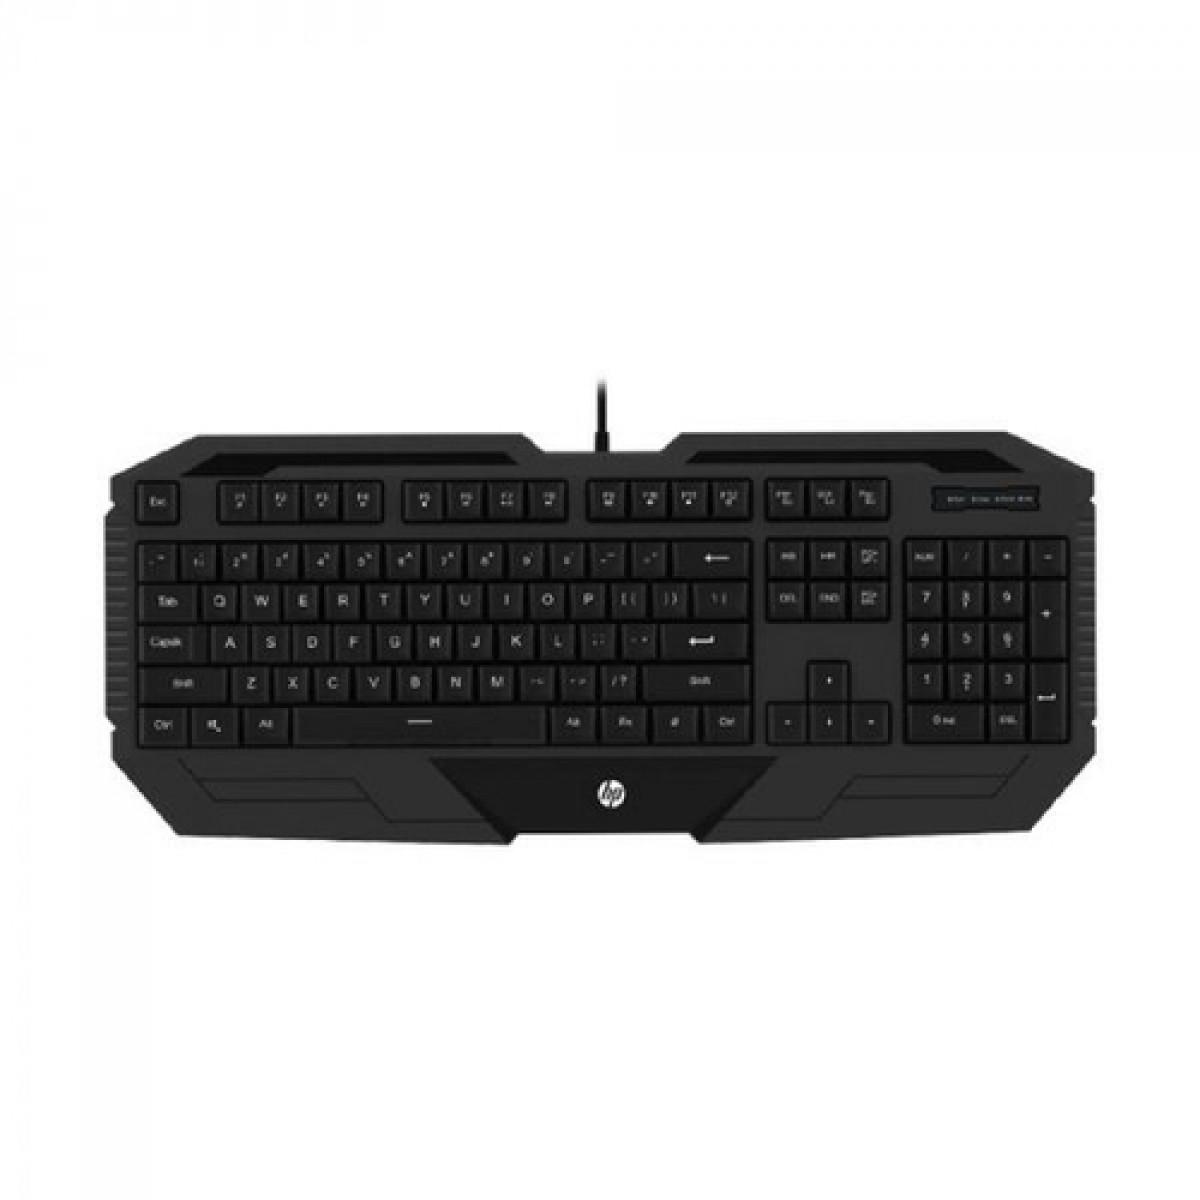 Teclado Gamer HP K130, Membrana, USB, Black